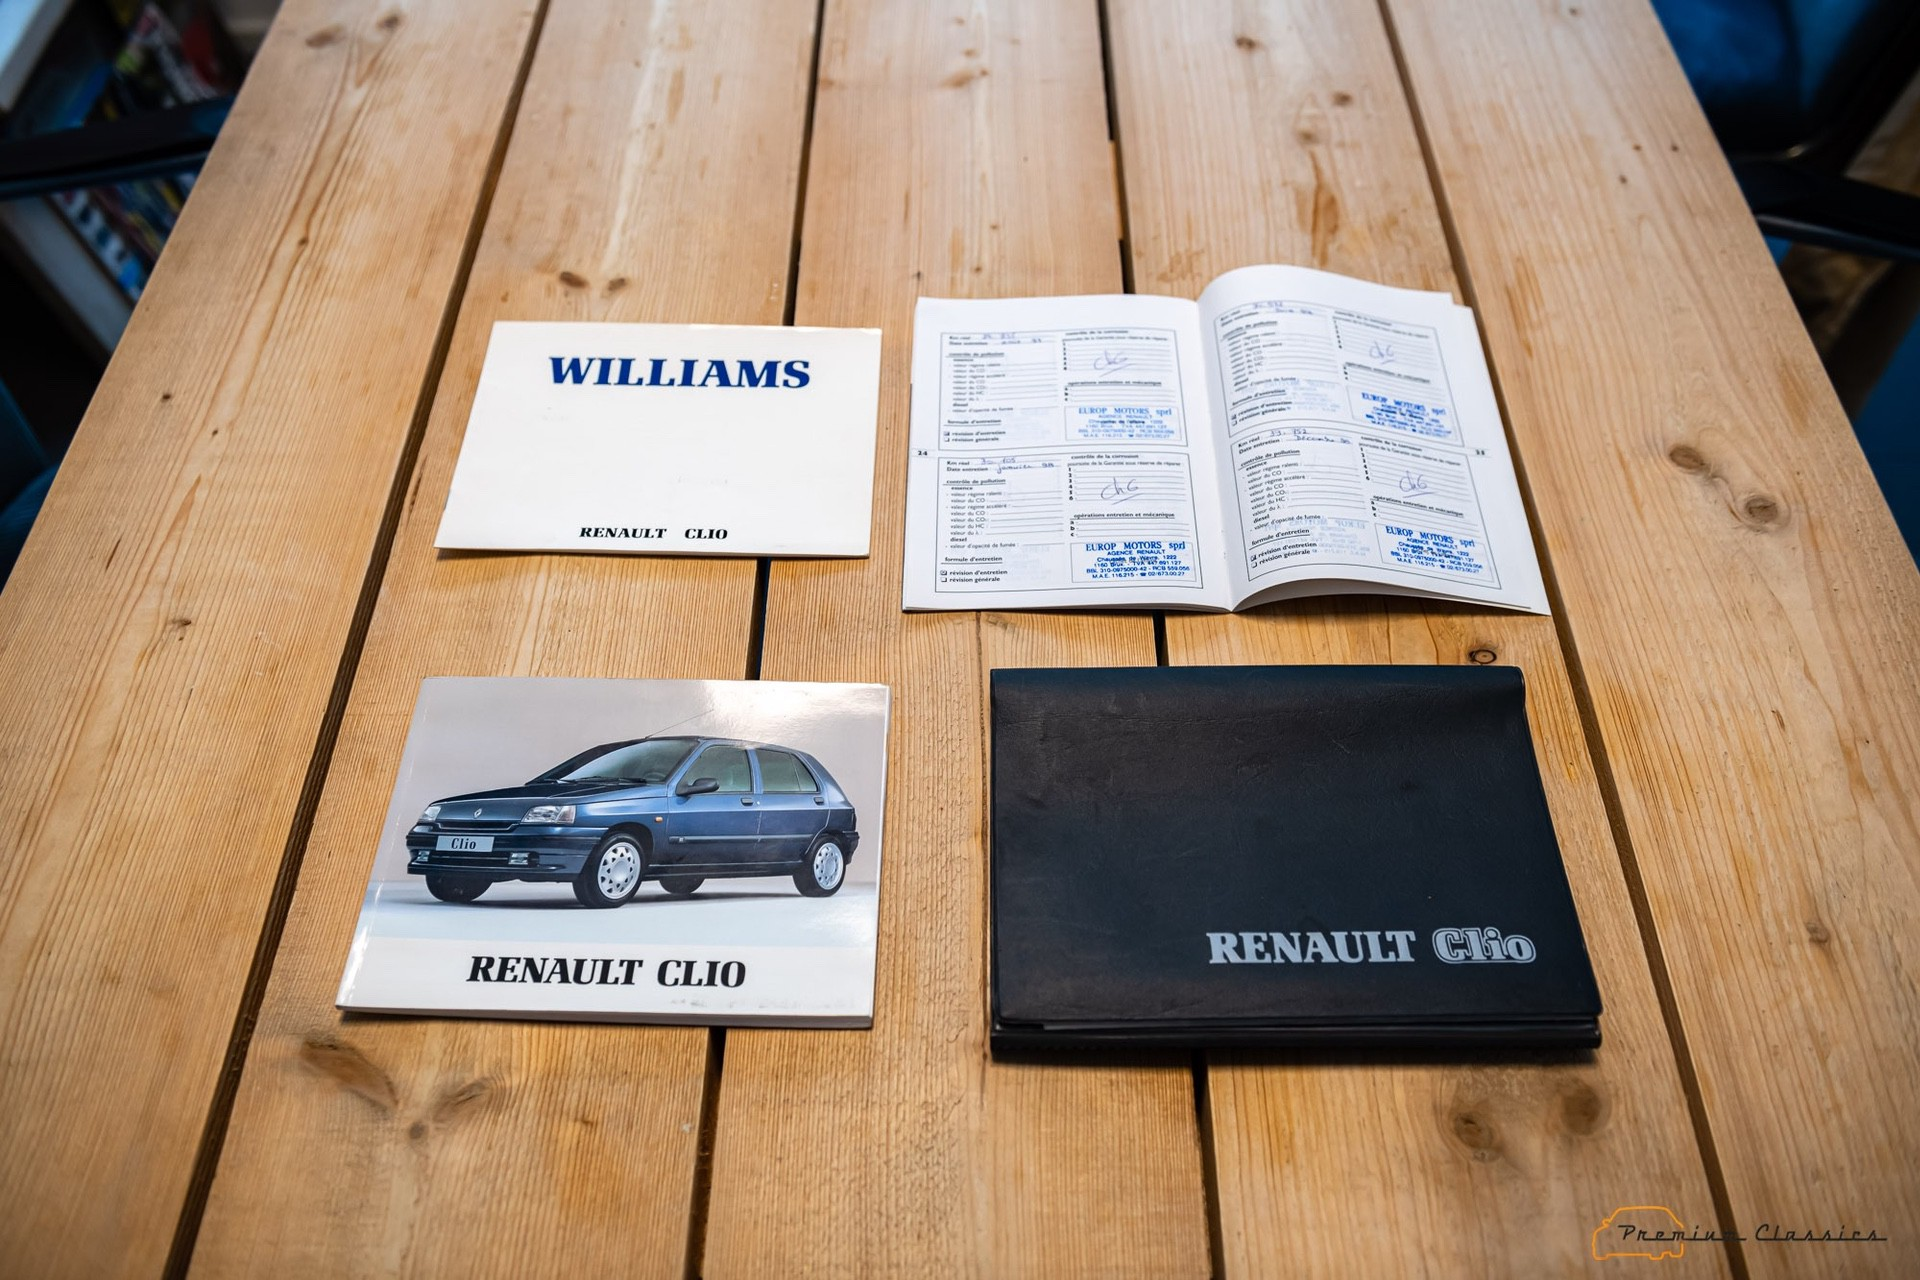 Renault_Clio_Williams_sale-0062